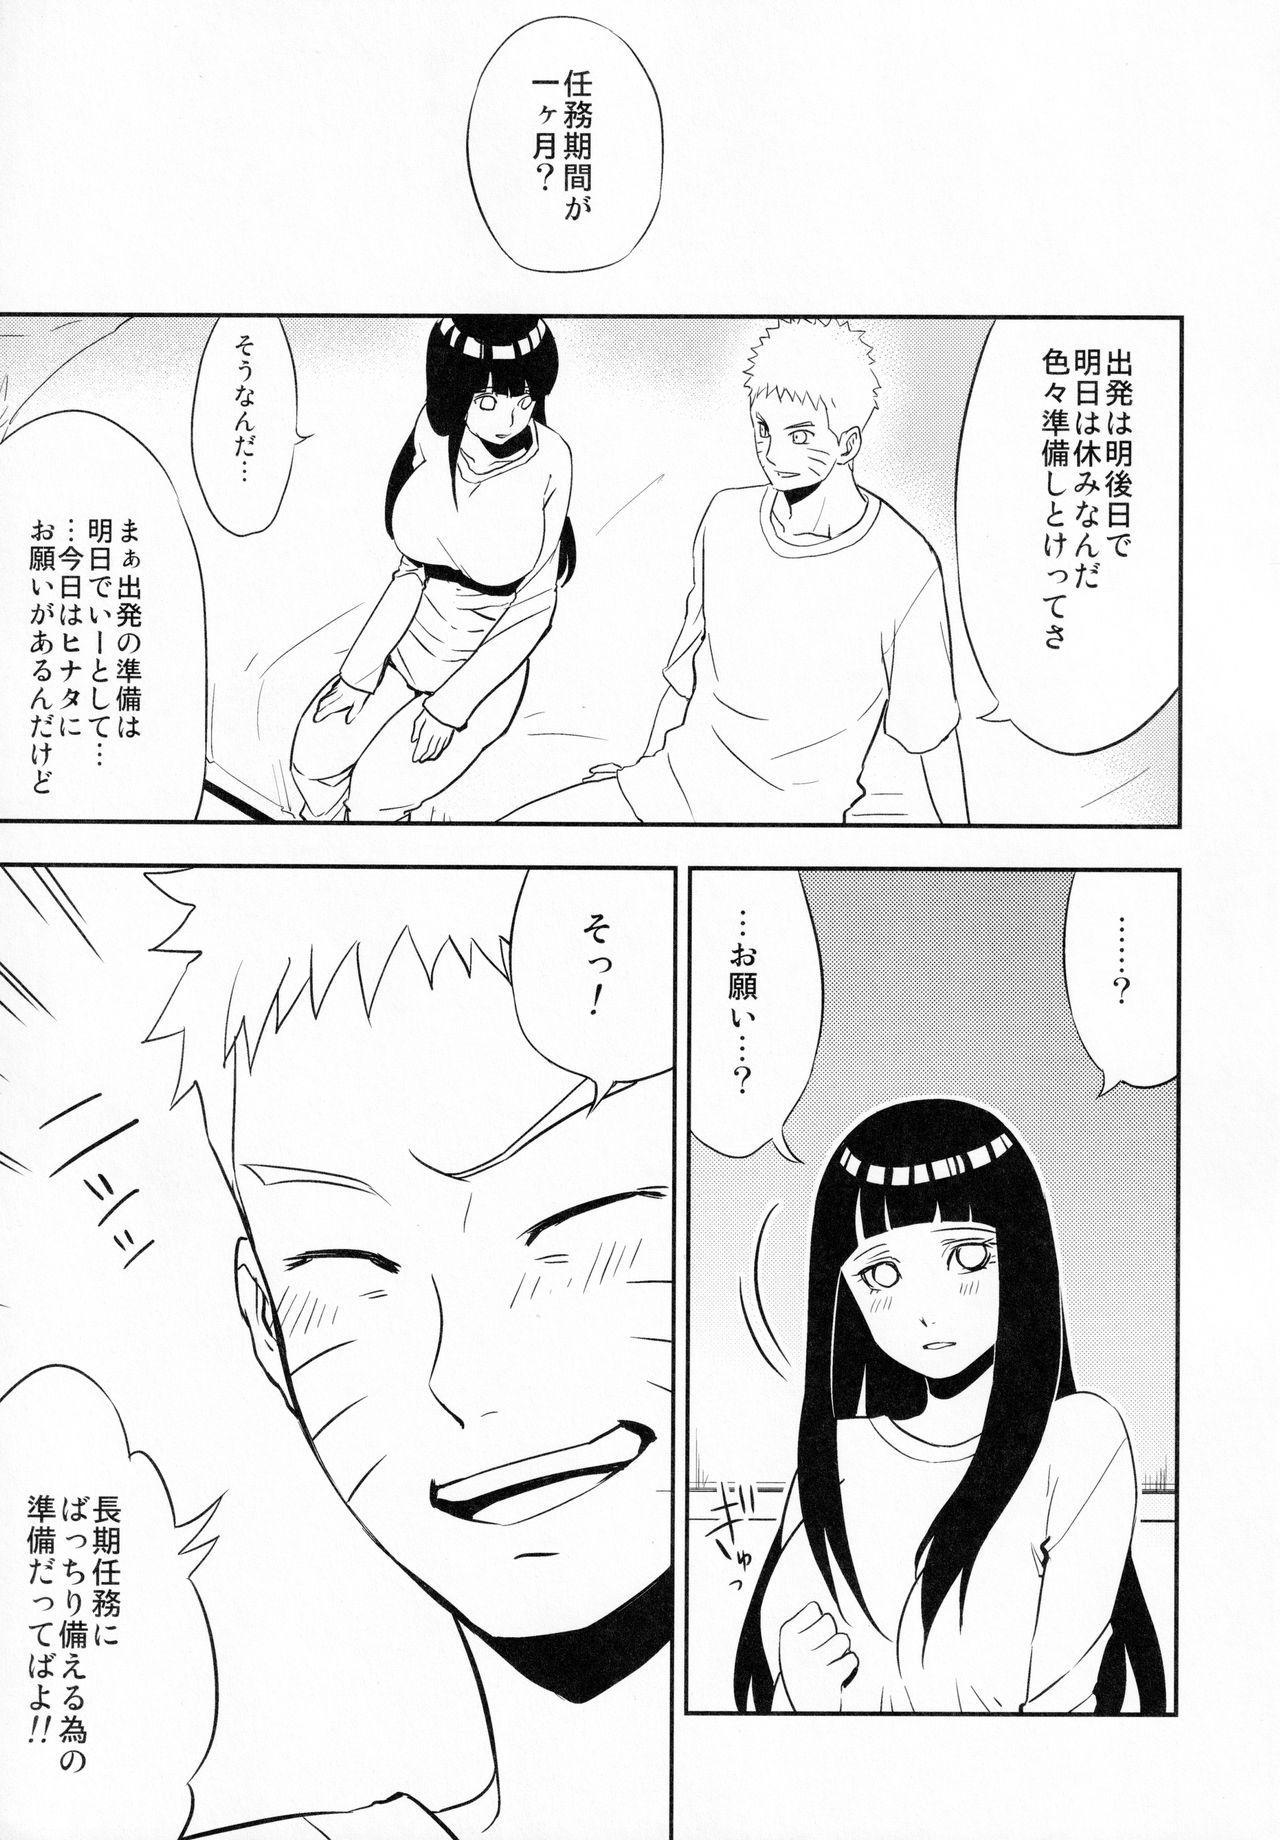 Naruto-kun ni Onegai Saretara Kotowarenai 3